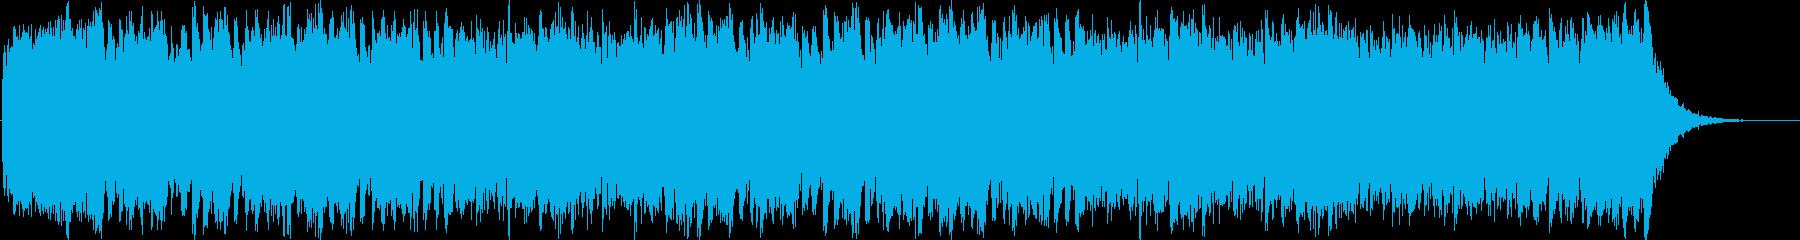 壮大で迫力あるフルオーケストラBGMの再生済みの波形